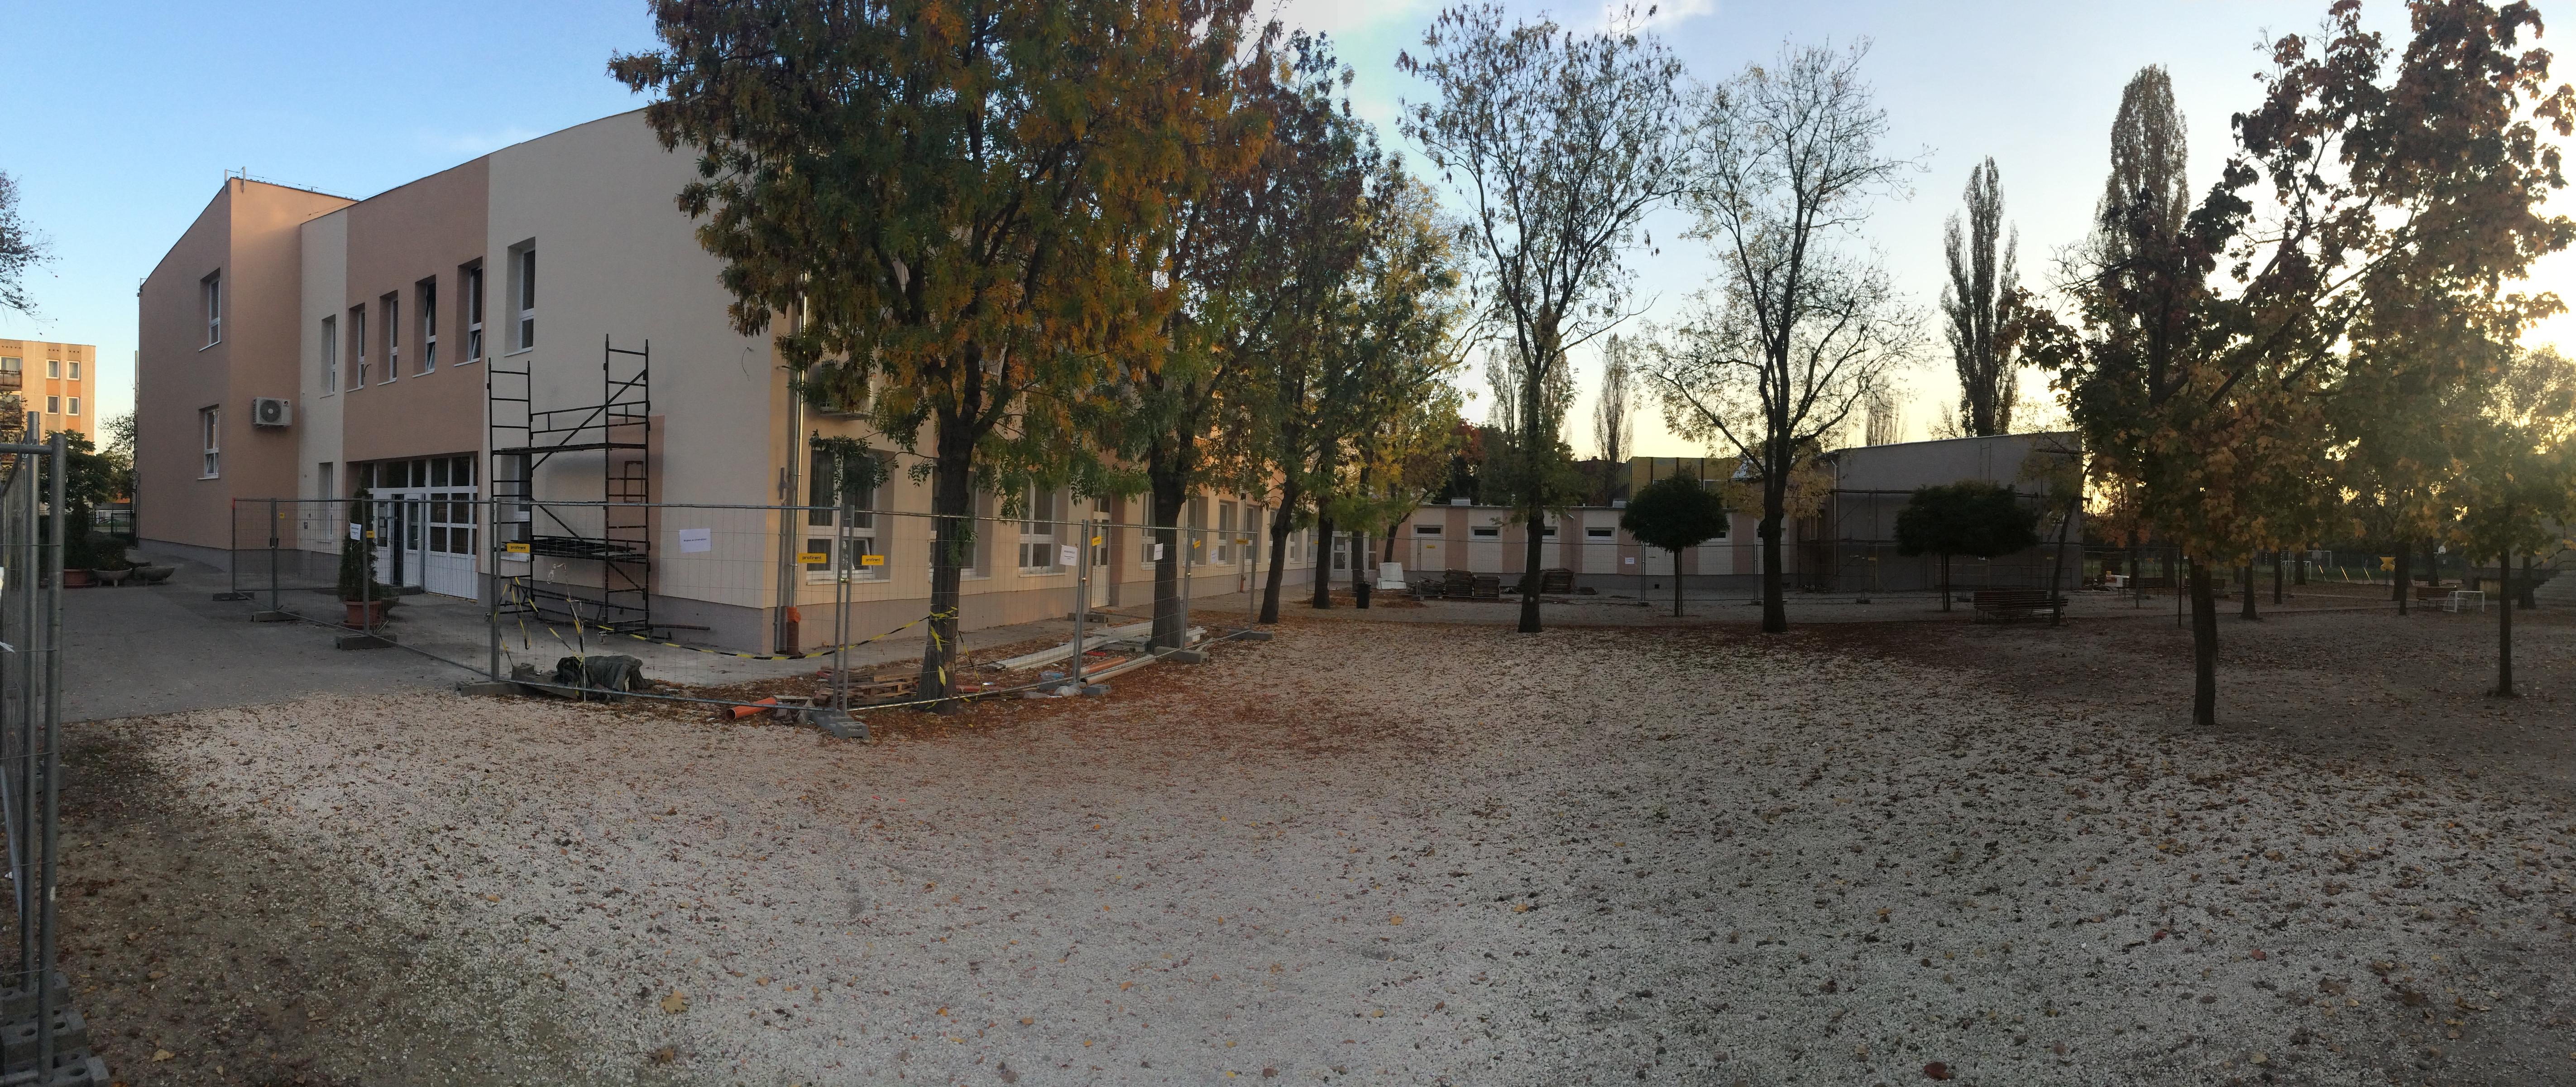 Podmaniczky János Ált iskola és  Óvoda